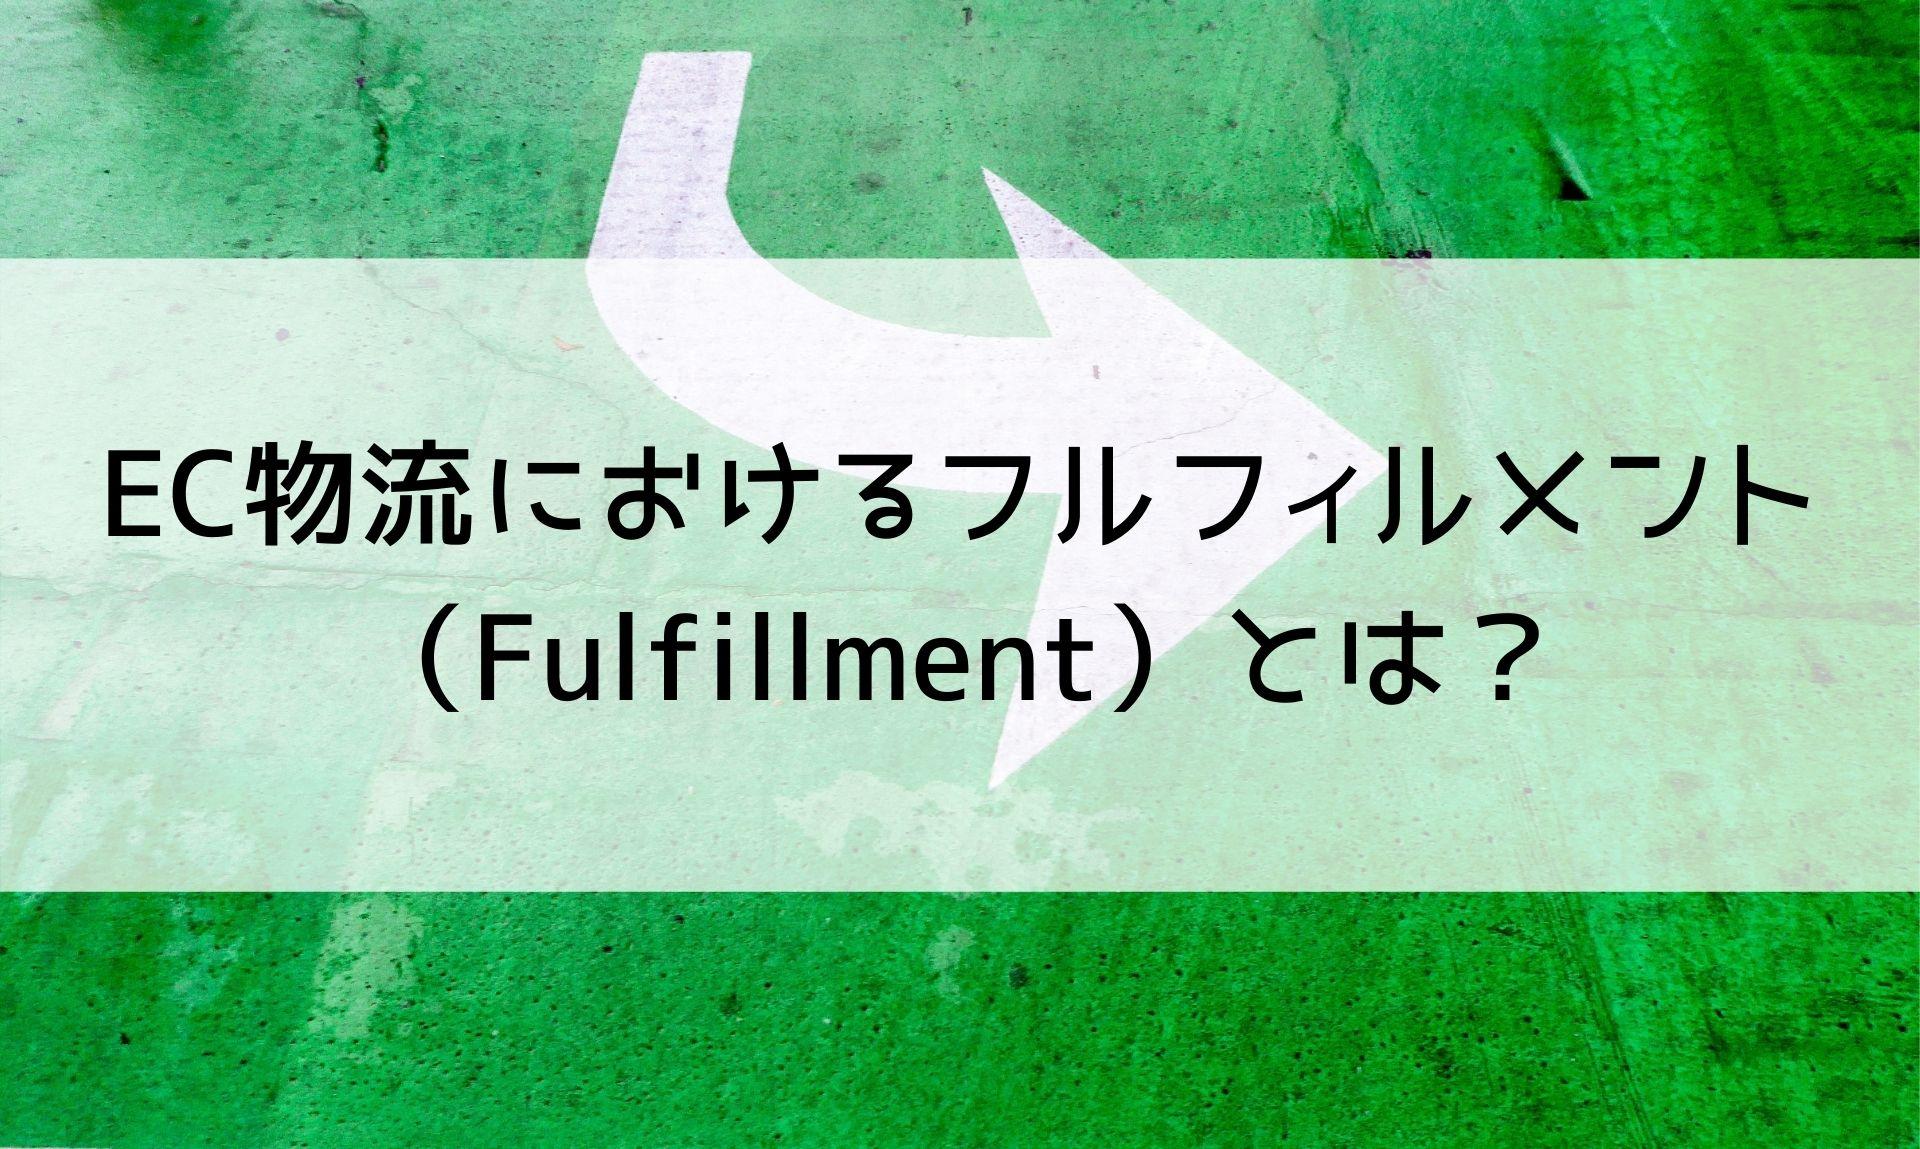 EC物流におけるフルフィルメント(Fulfillment)とは?